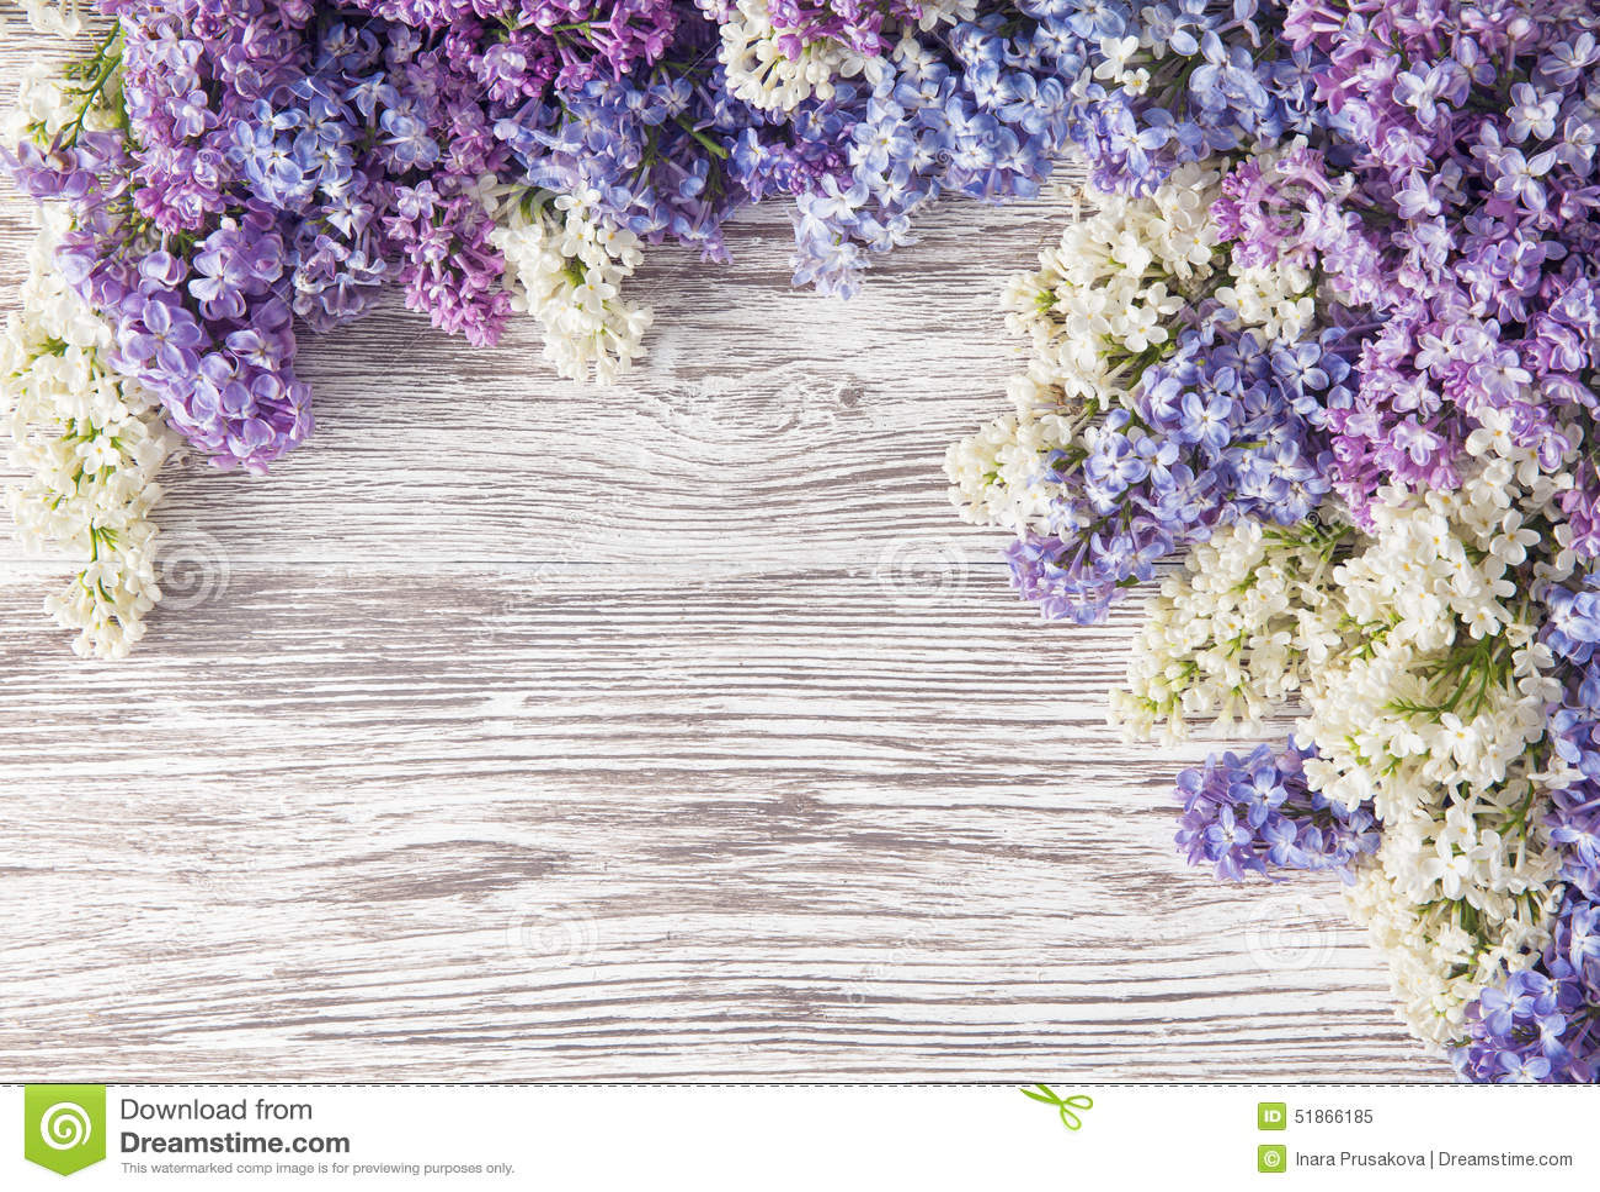 Сирень цветет букет на деревянной предпосылке планки, весне